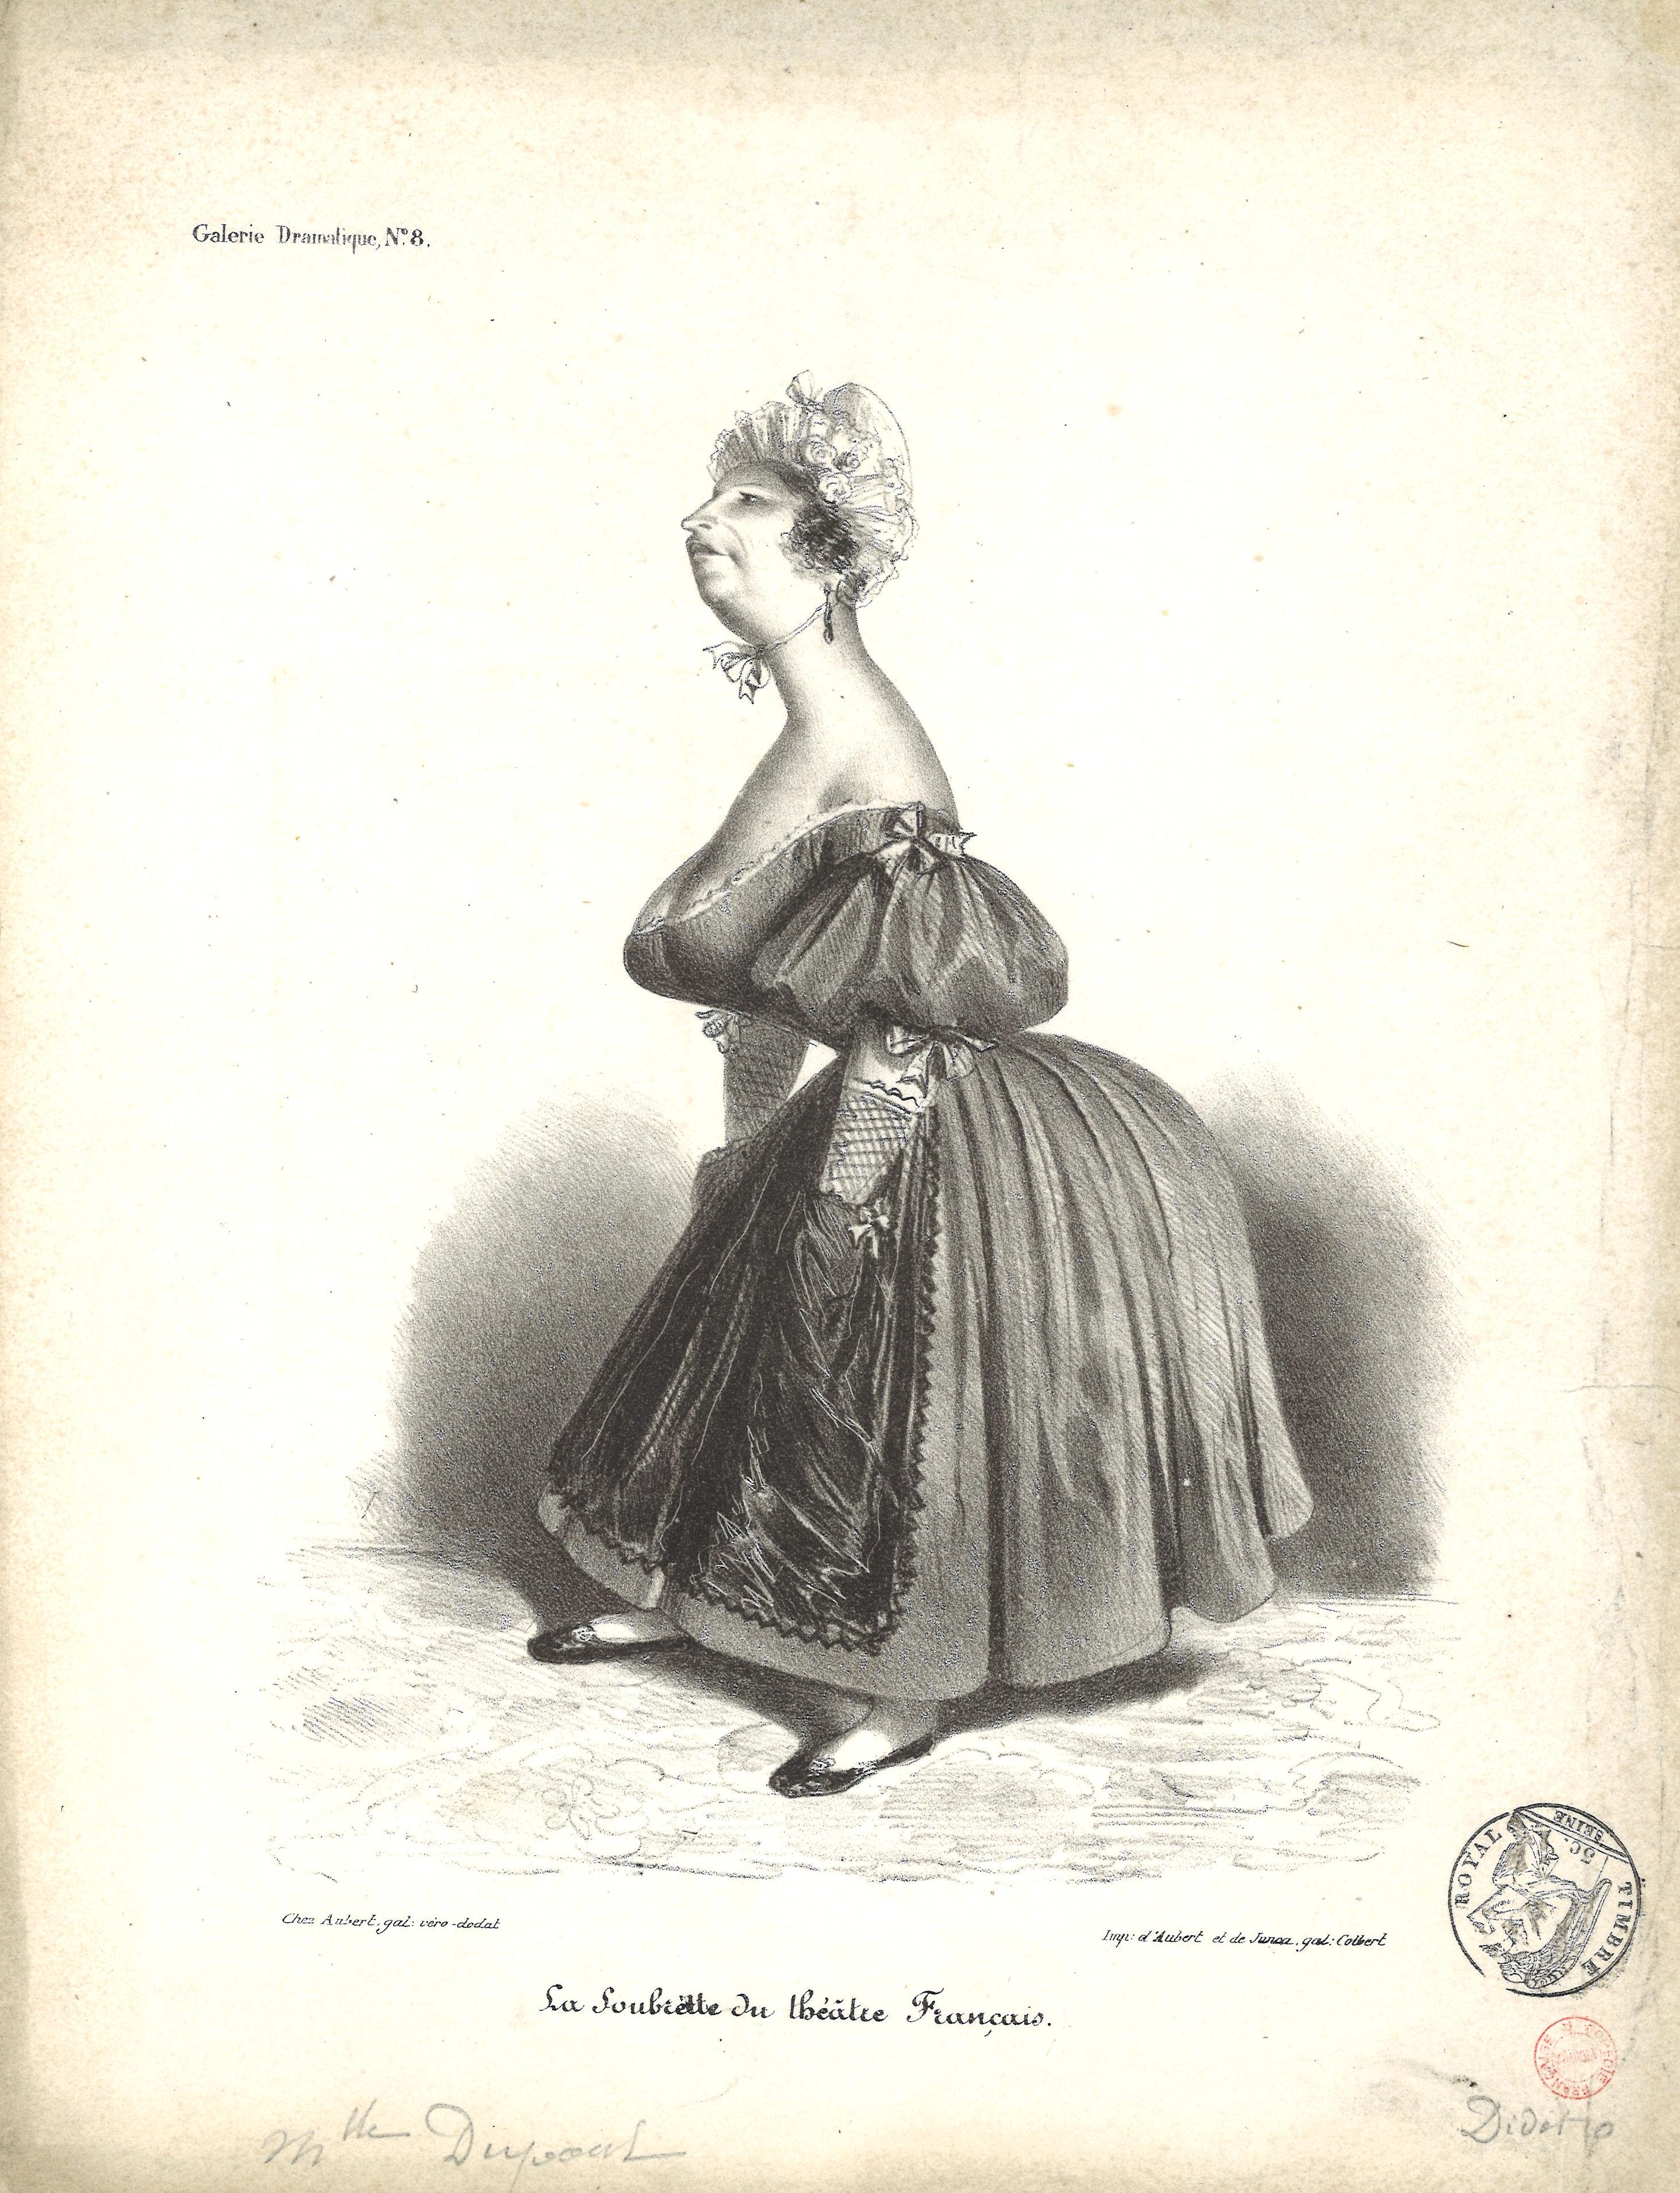 12-mlle-dupont-caricature-la-soubrette-du-thc-e-tre-frana-ais-le-charivari